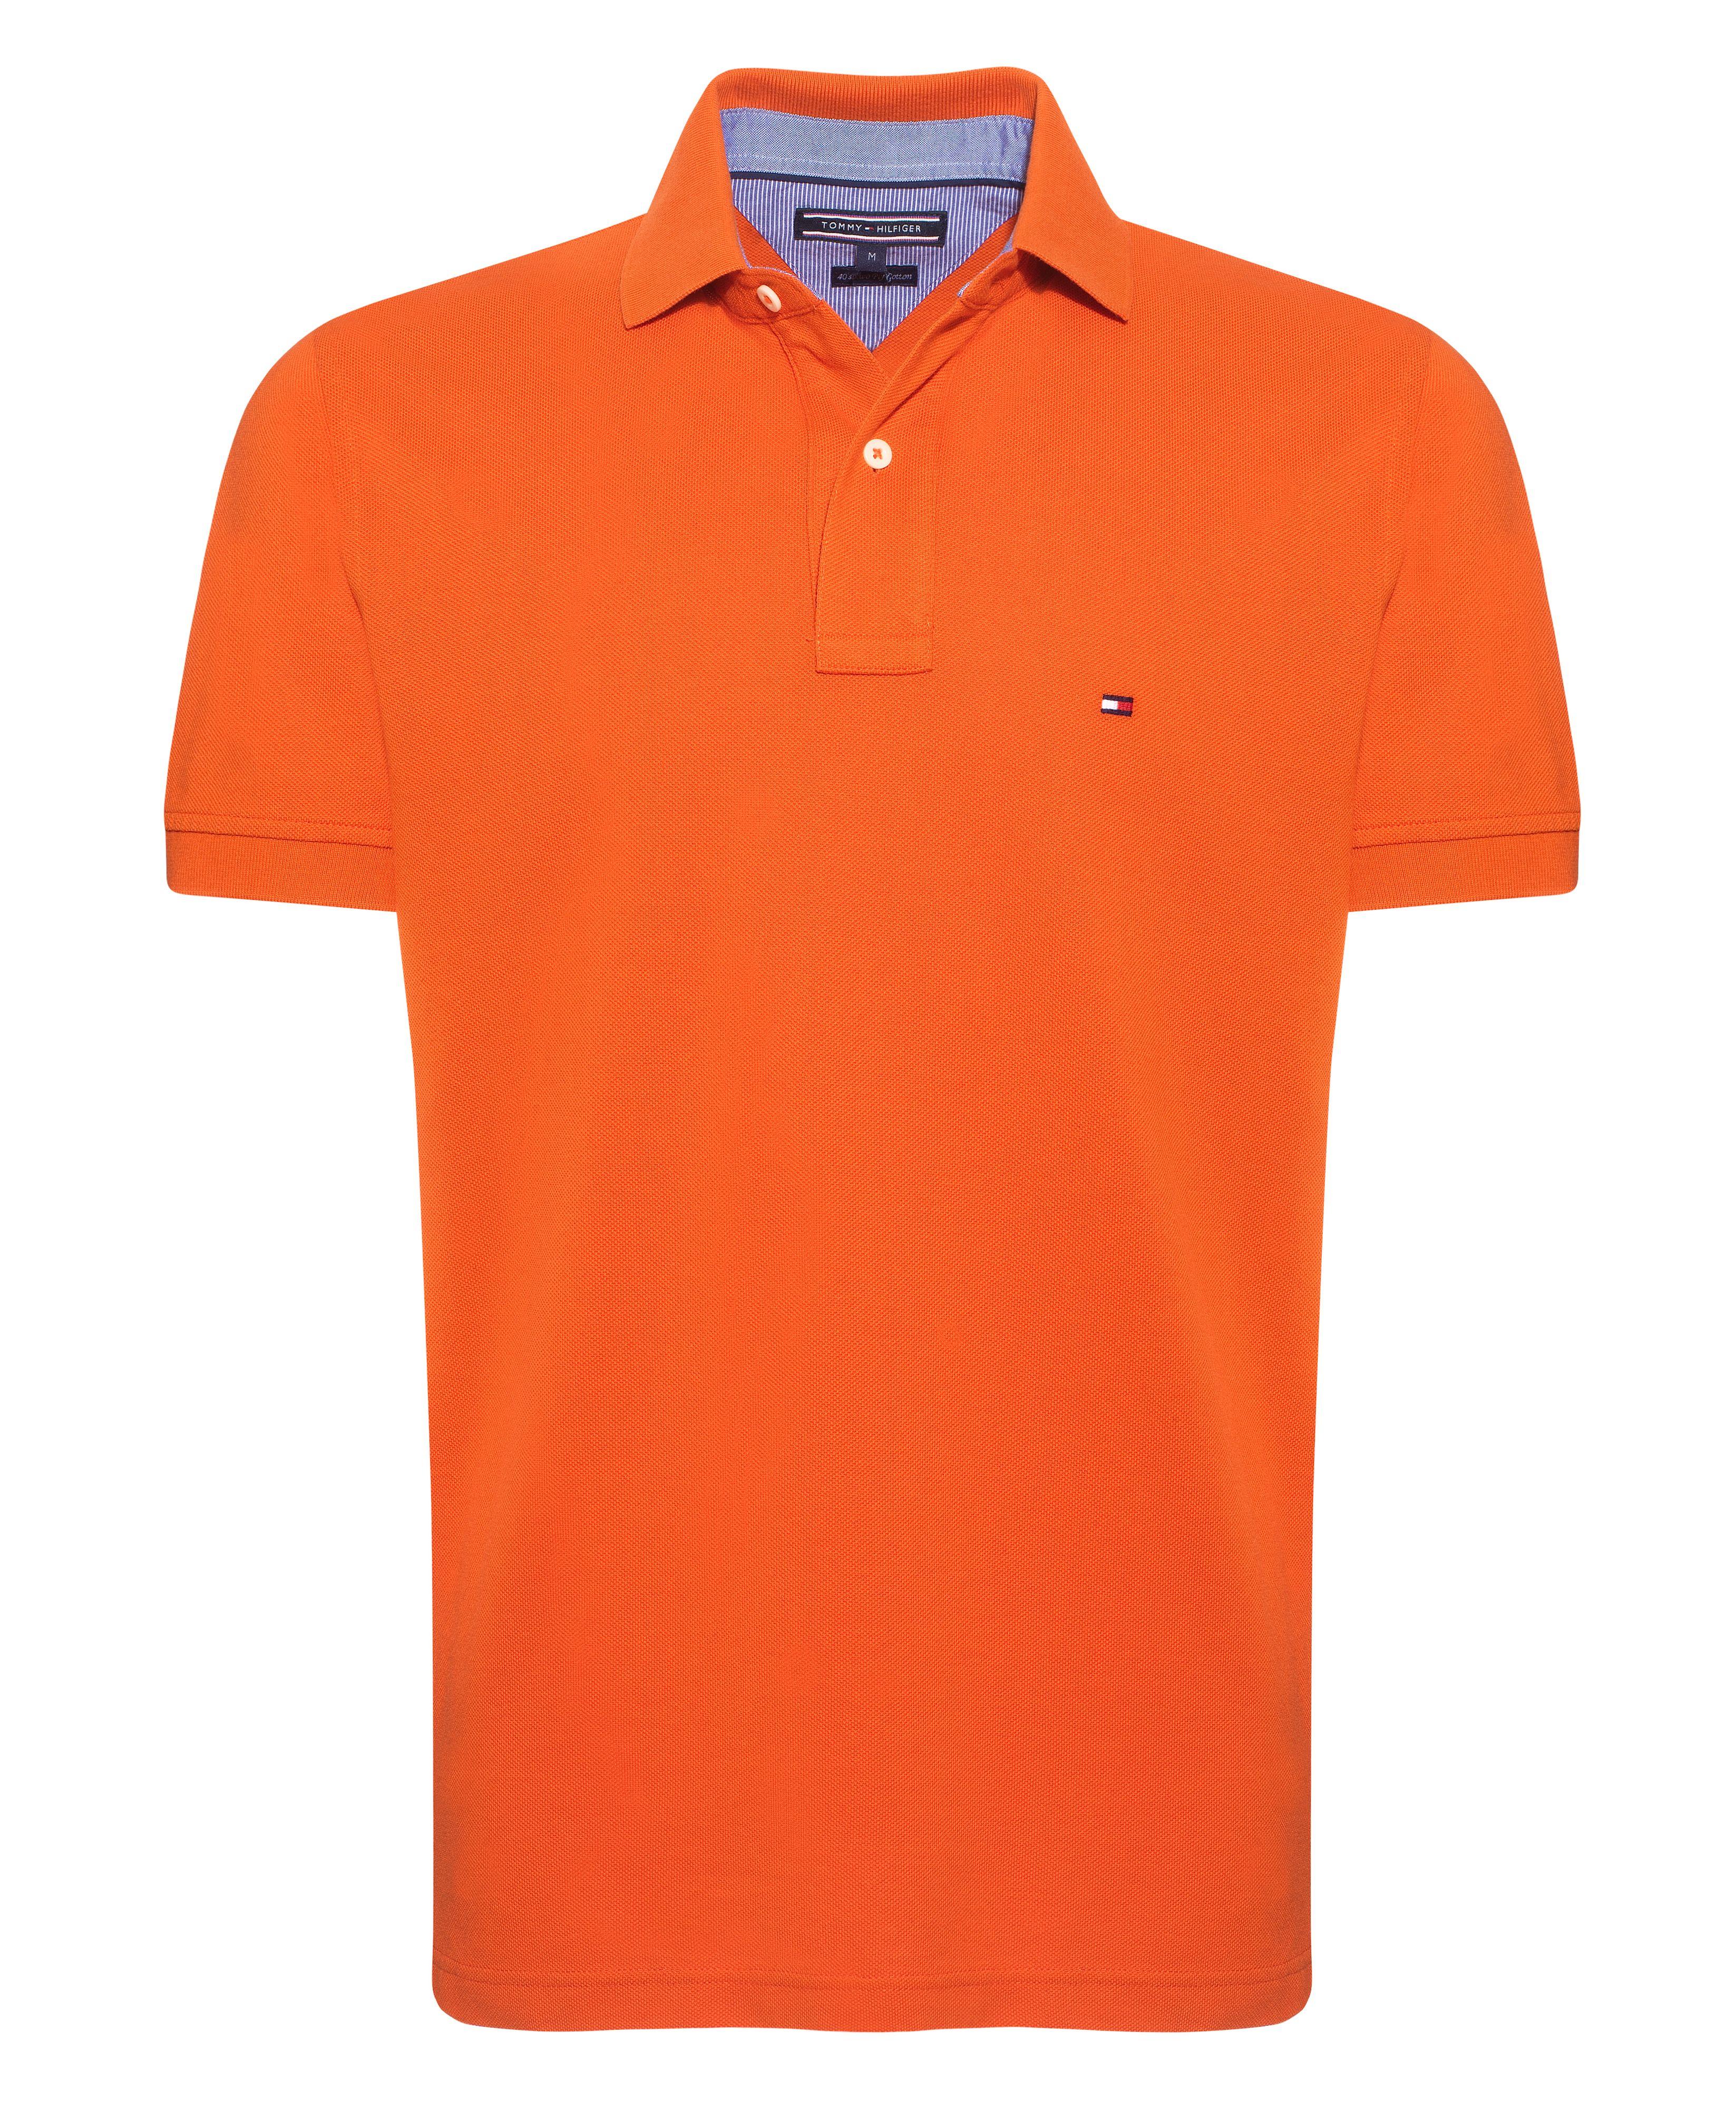 tommy hilfiger new tommy knit polo shirt in orange for men. Black Bedroom Furniture Sets. Home Design Ideas